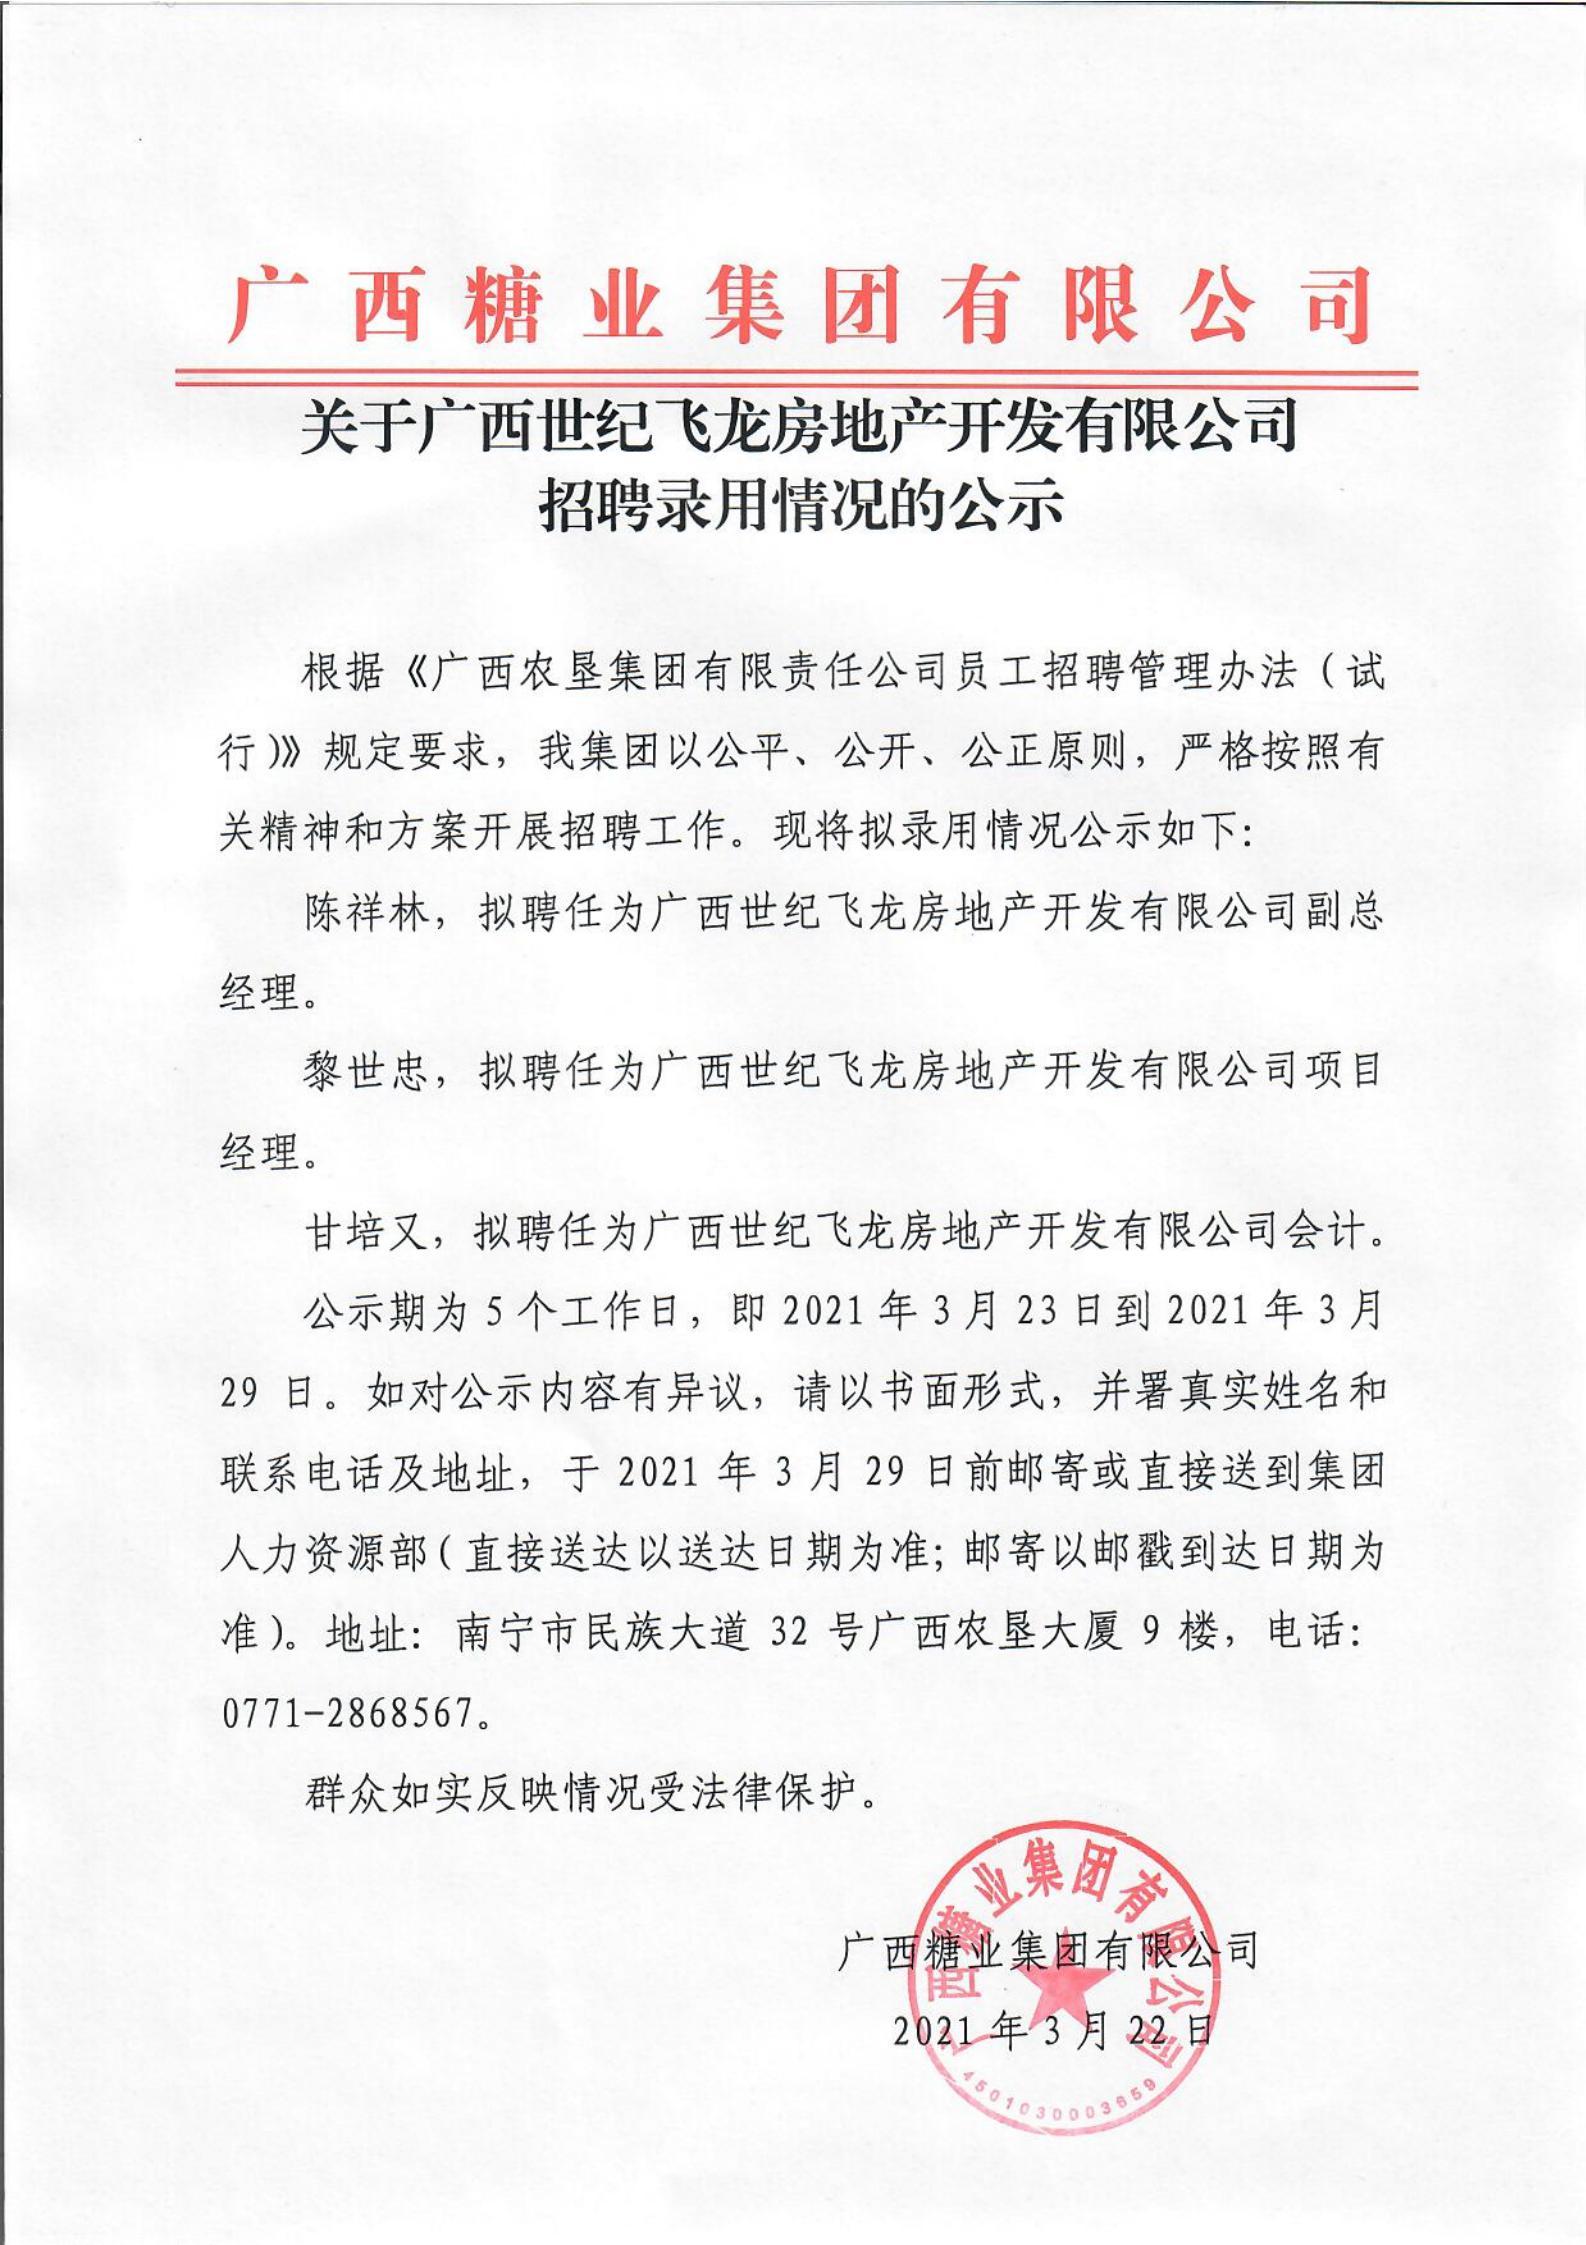 广西糖业集团有限公司关于广西世纪飞龙房地产开发有限公司招聘录用情况的公示_00.jpg